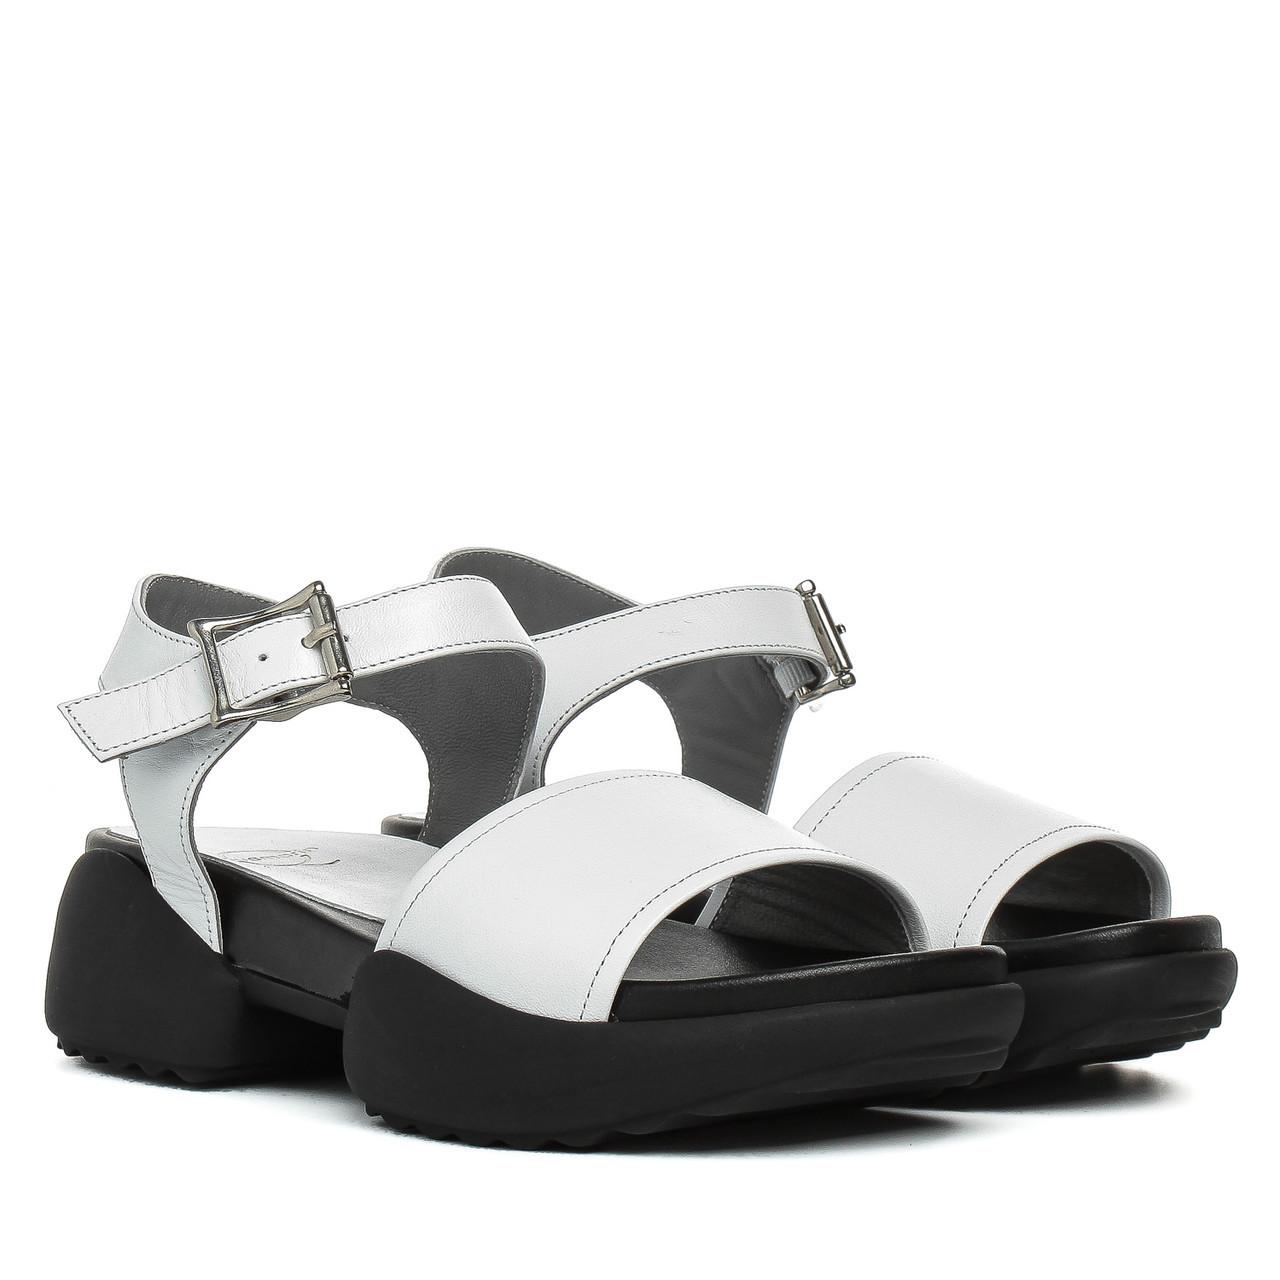 8508298bb Босоножки женские AQUAMARIN (белые, кожаные, удобные, модные) - Интернет- магазин